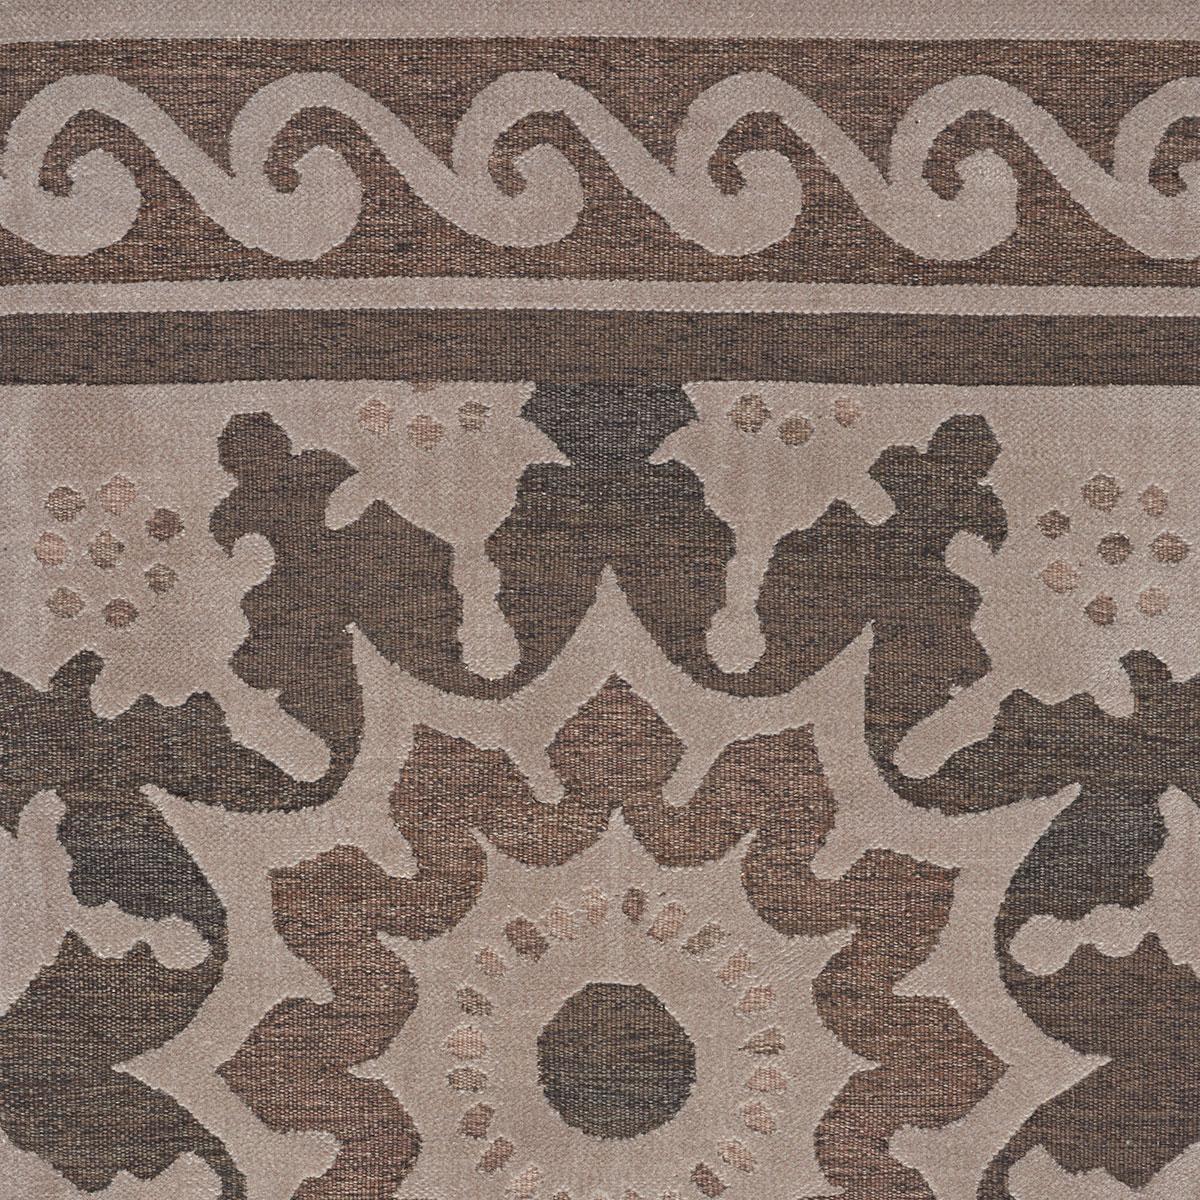 ogden_wool_mixed-texture_patterson-flynn-martin_pfm